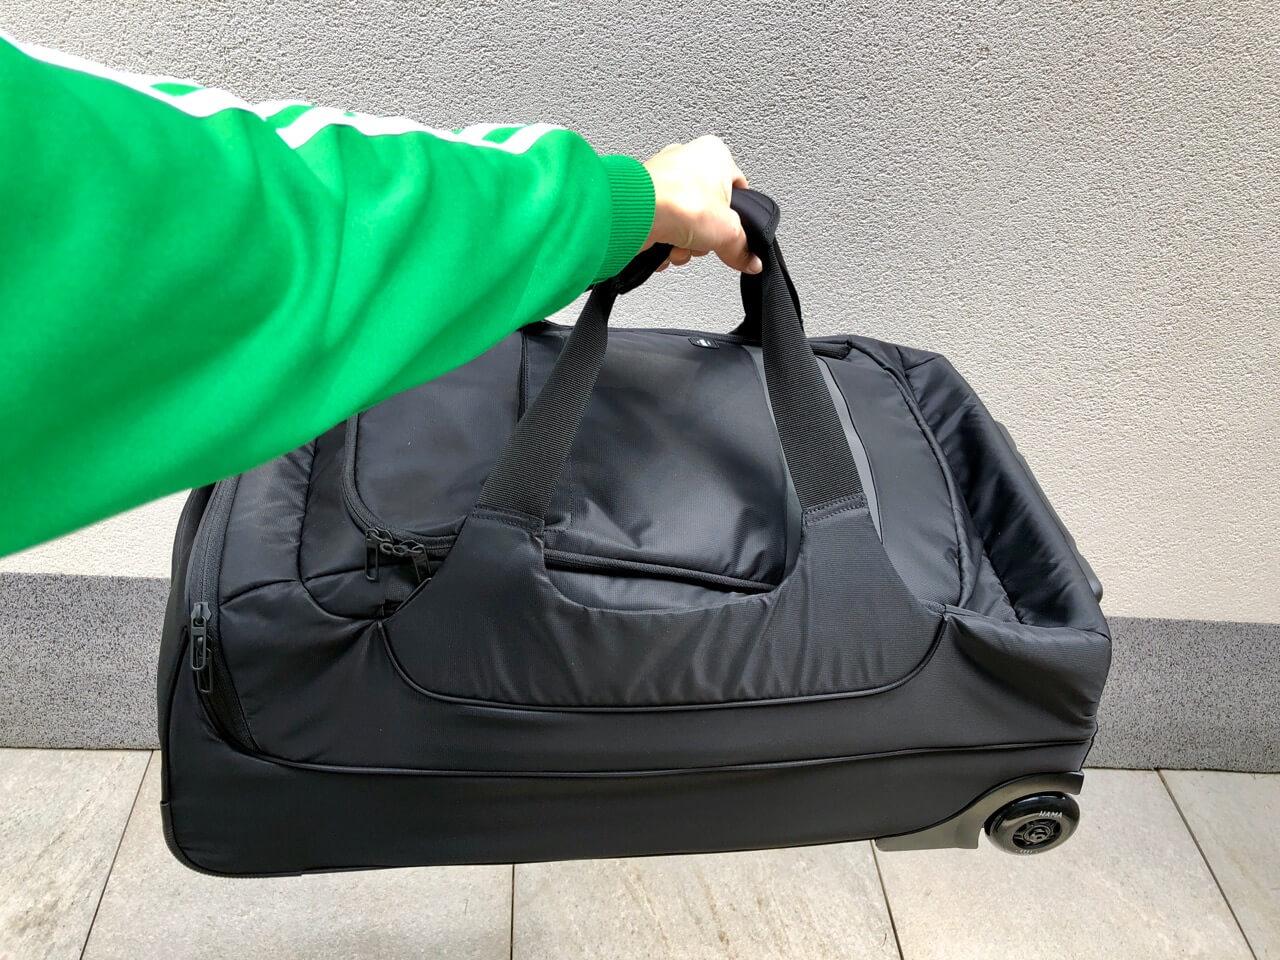 Hama-Reisetasche-München-Reisetasche